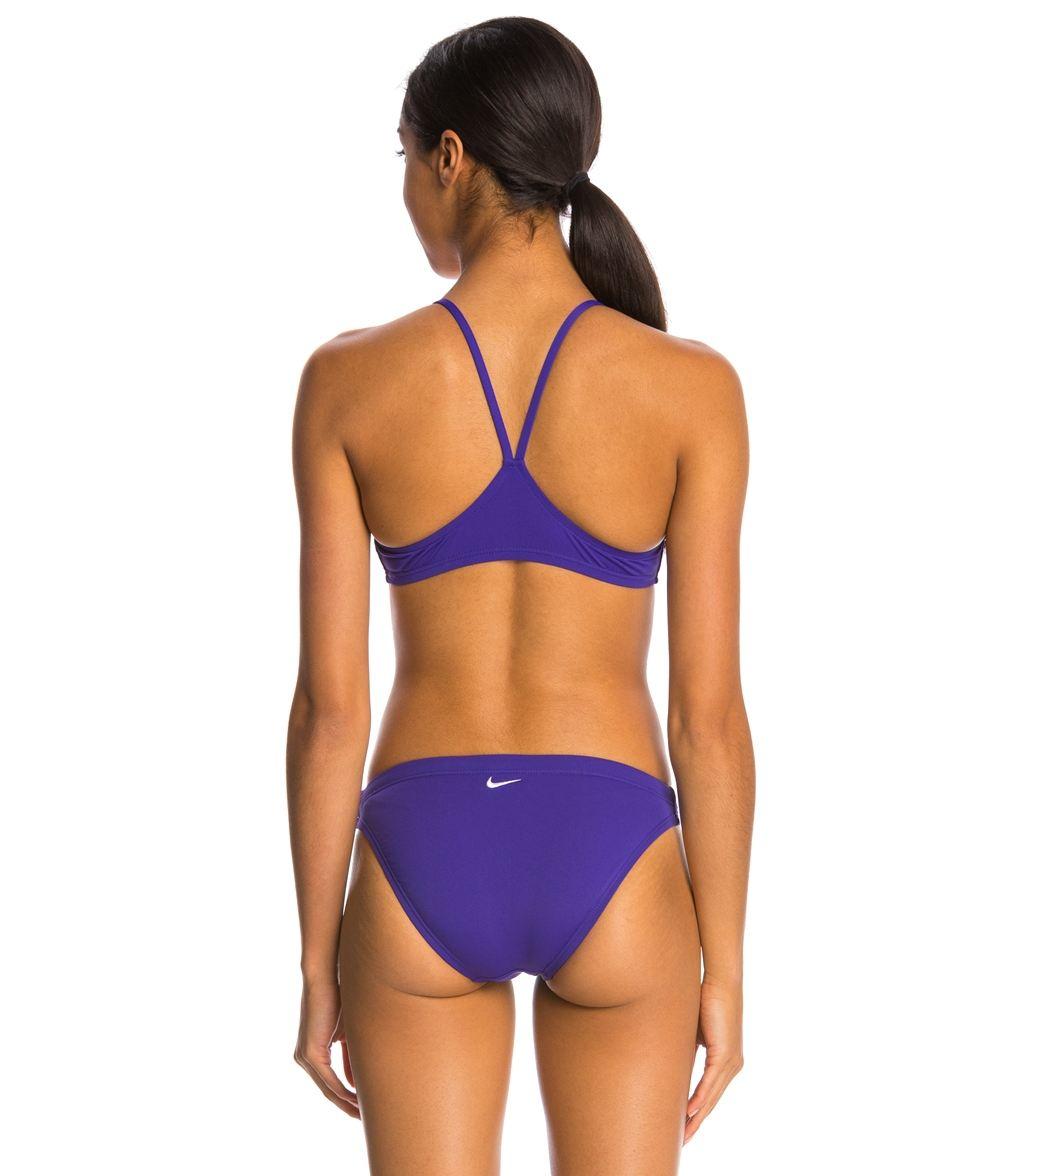 b7121c792 Nike Swim Womens Poly Core Solids Sport 2 Piece Swimsuit | eBay